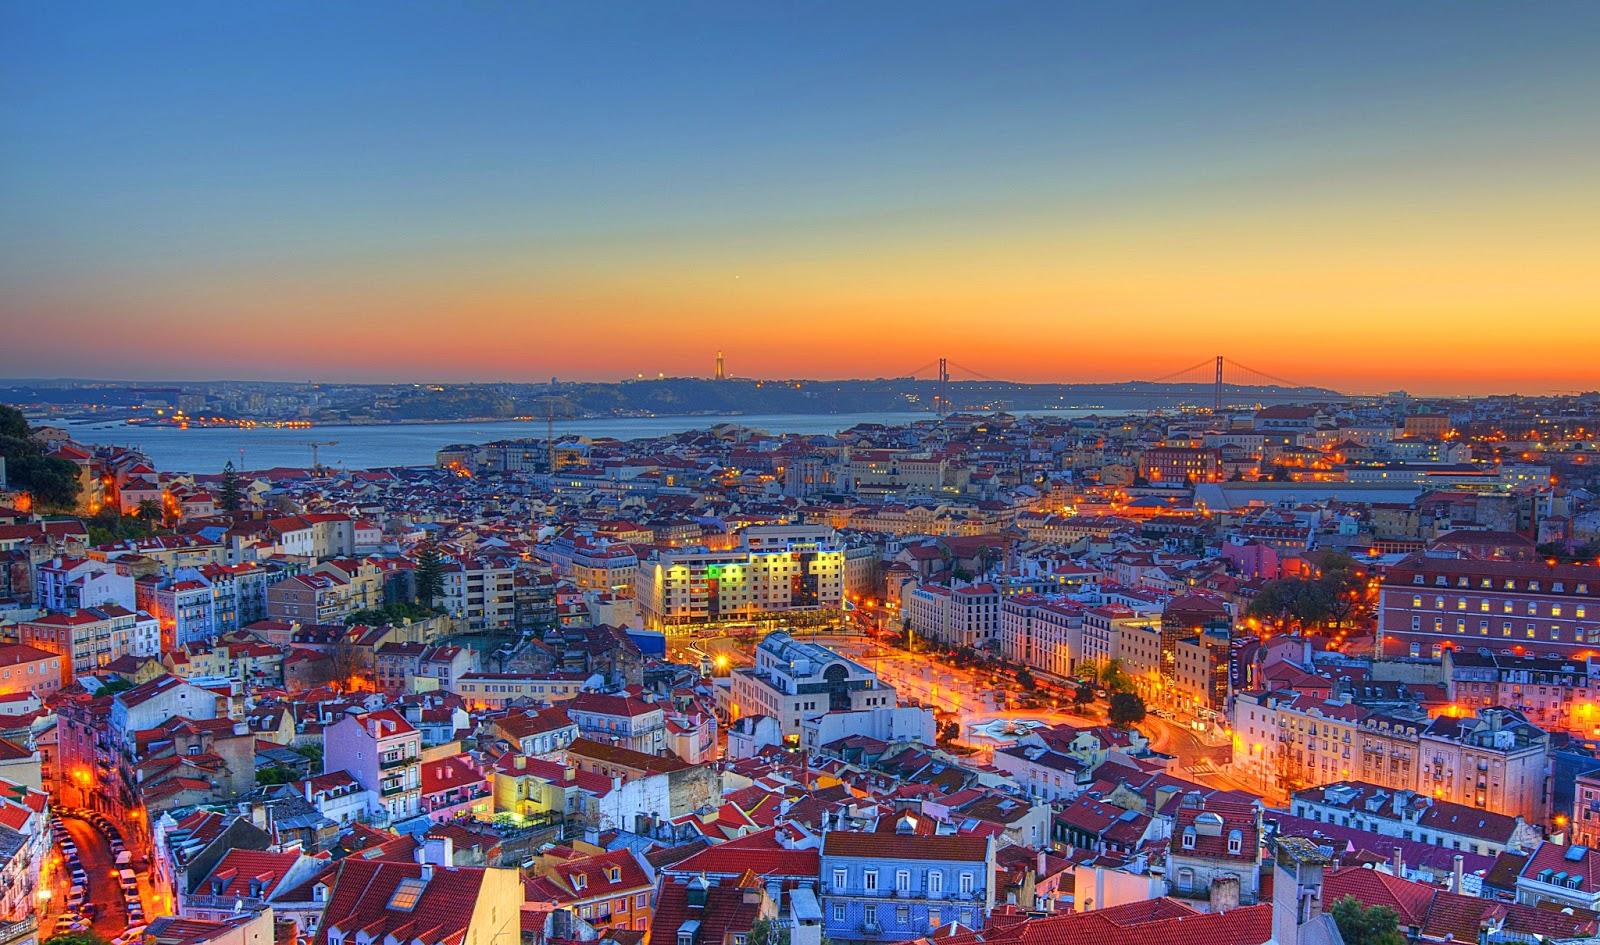 Feriados em Lisboa em 2015